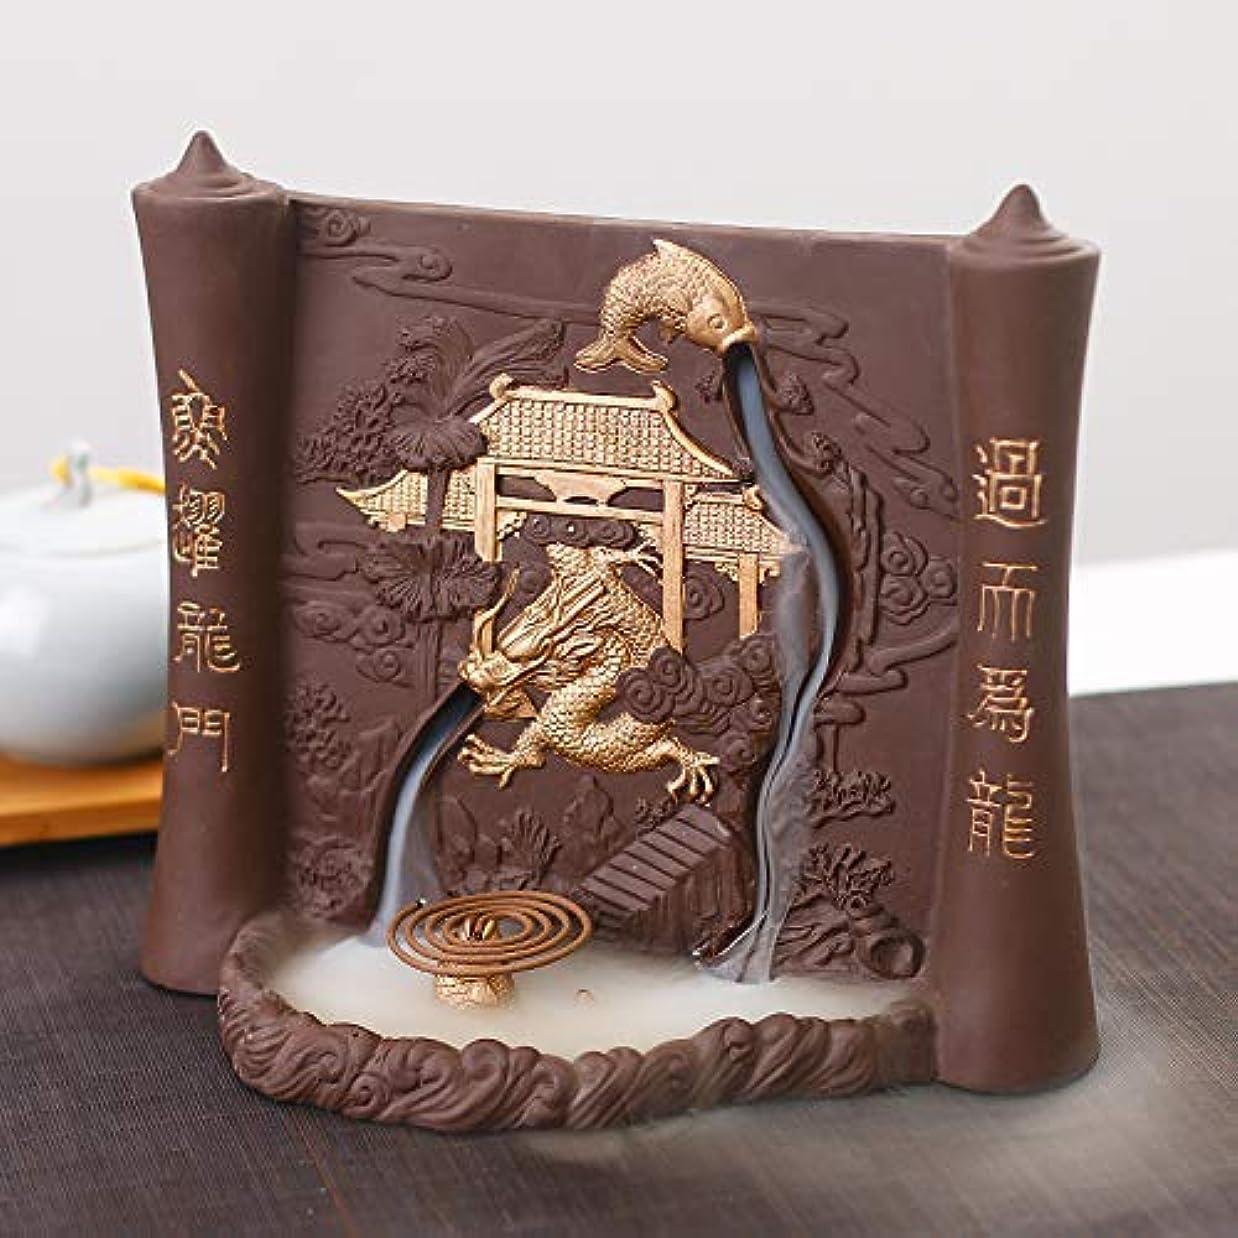 比べる発生するエンターテインメントPHILOGOD 香炉 陶器漢字彫刻レリーフ手作り逆流香炉 線香立て デュアルユース お香 ホルダー